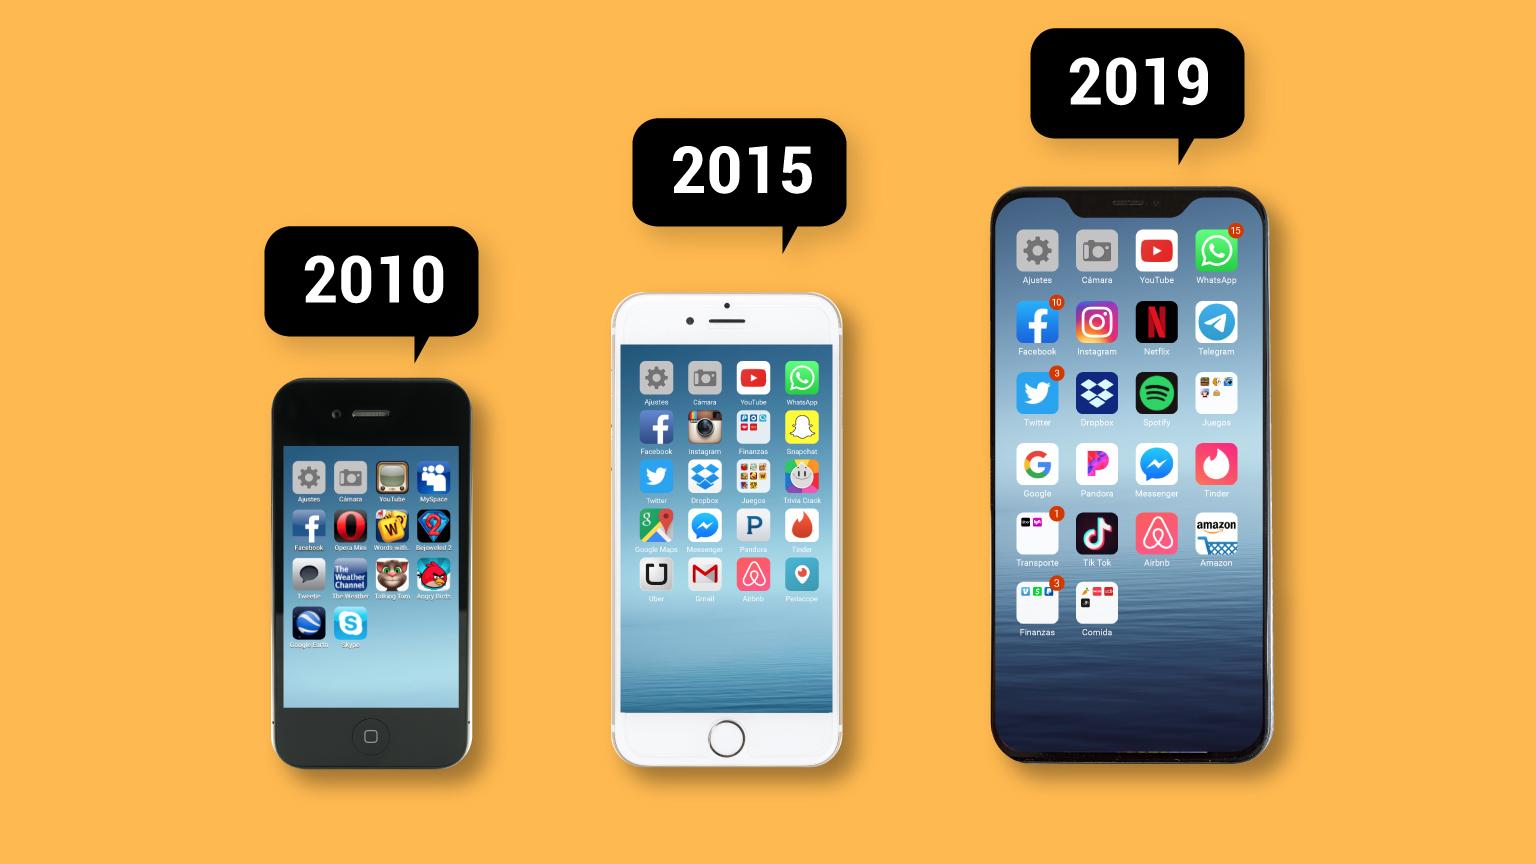 Viaje interactivo: así cambió la pantalla de tu celular en una década